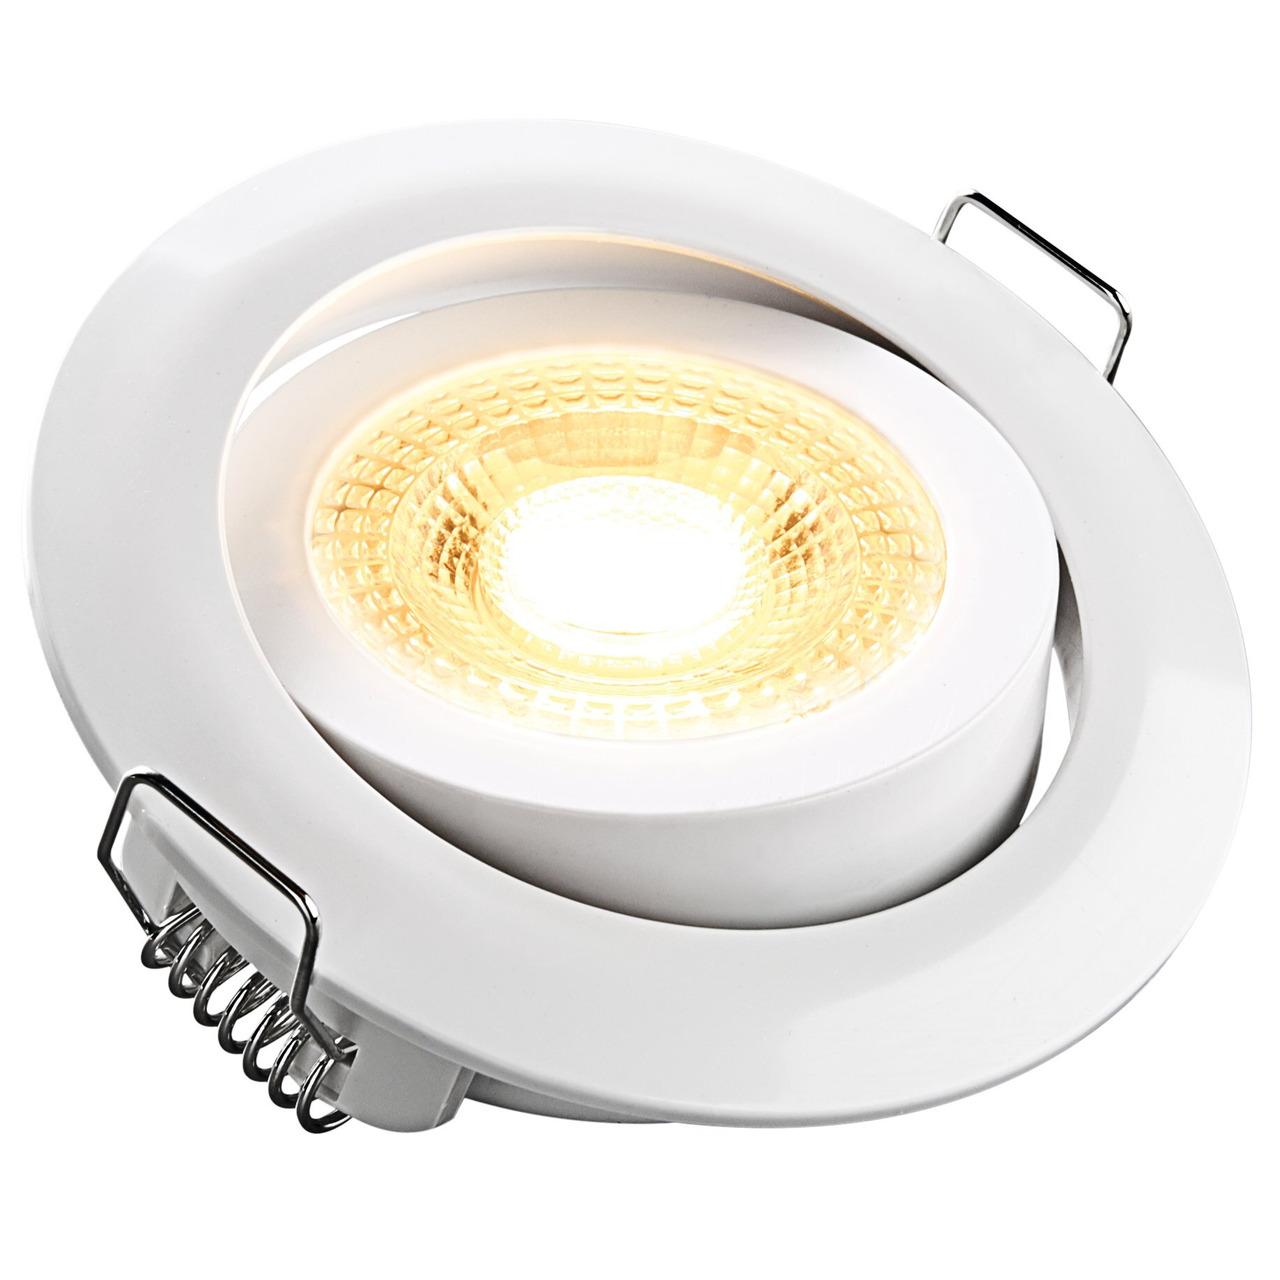 HEITRONIC 5-W-LED-Einbaustrahler DL7202- rund- schwenkbar- weiss- dimmbar per Lichtschalter- IP20